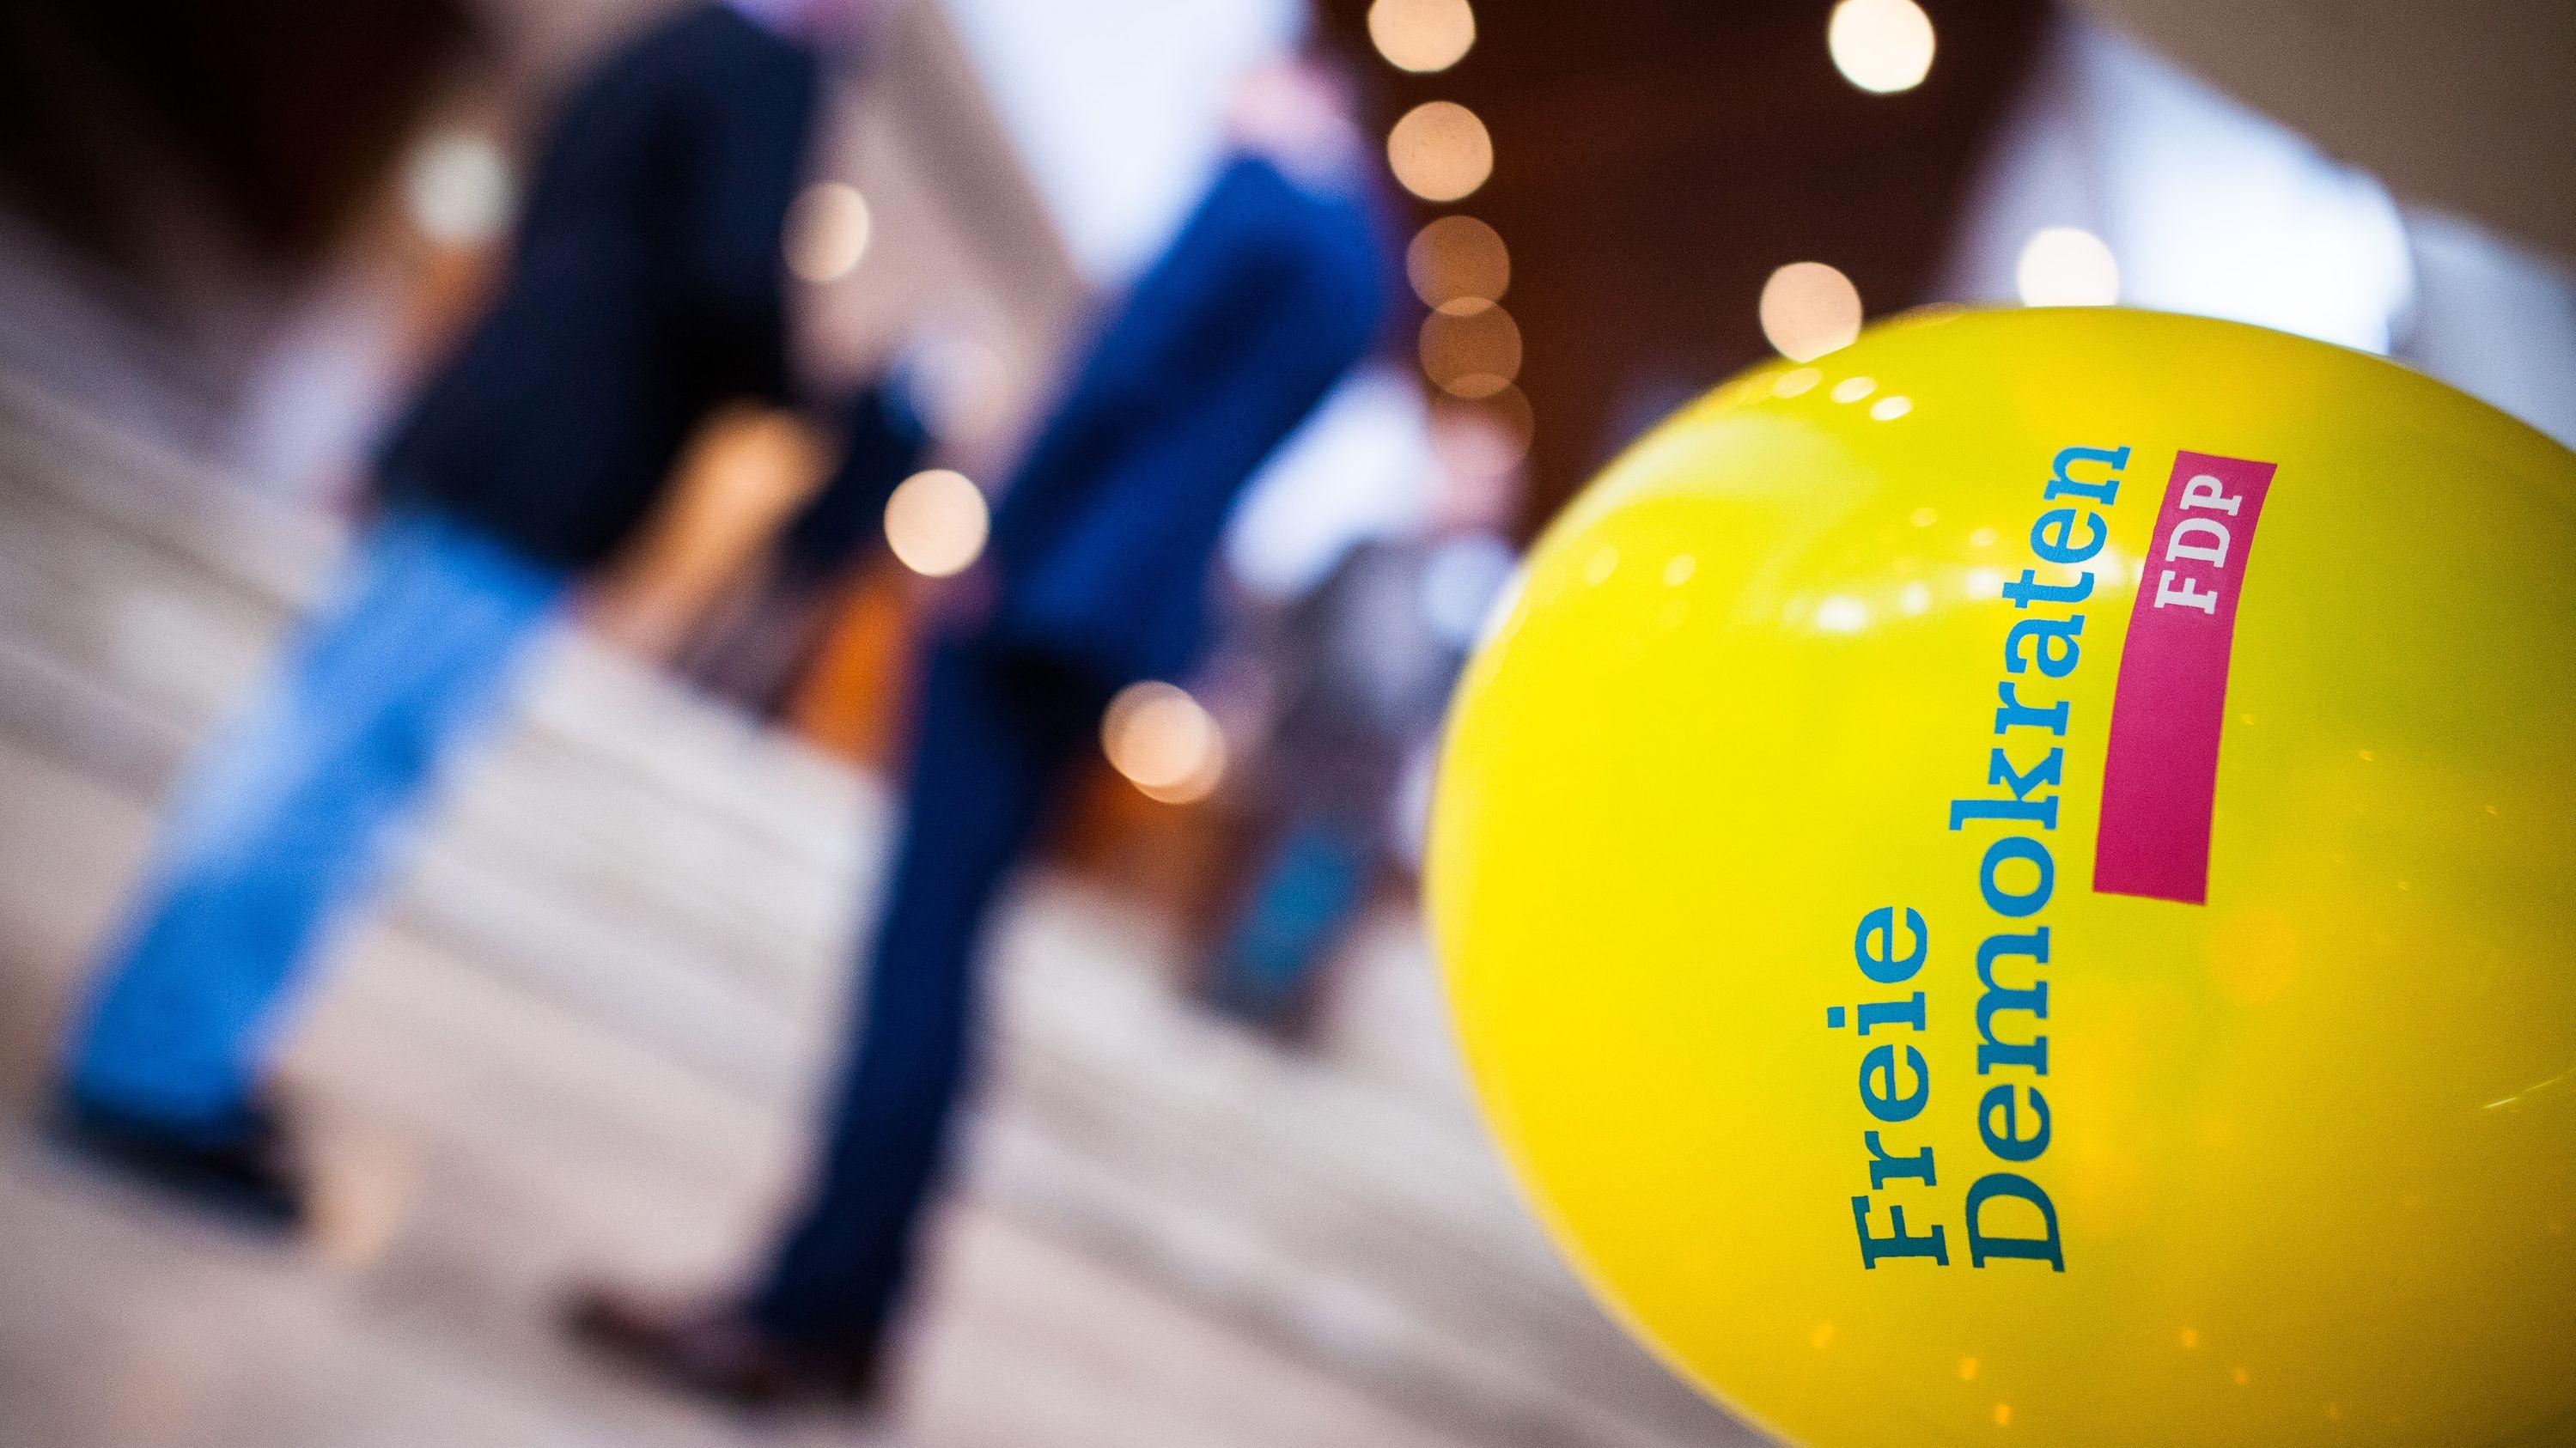 """Ein Luftballon mit der Aufschrift """"Freie Demokraten FDP"""" ist im Vordergrund zu sehen, dahinter verschwommen zwei Menschen (Symbolbild)"""